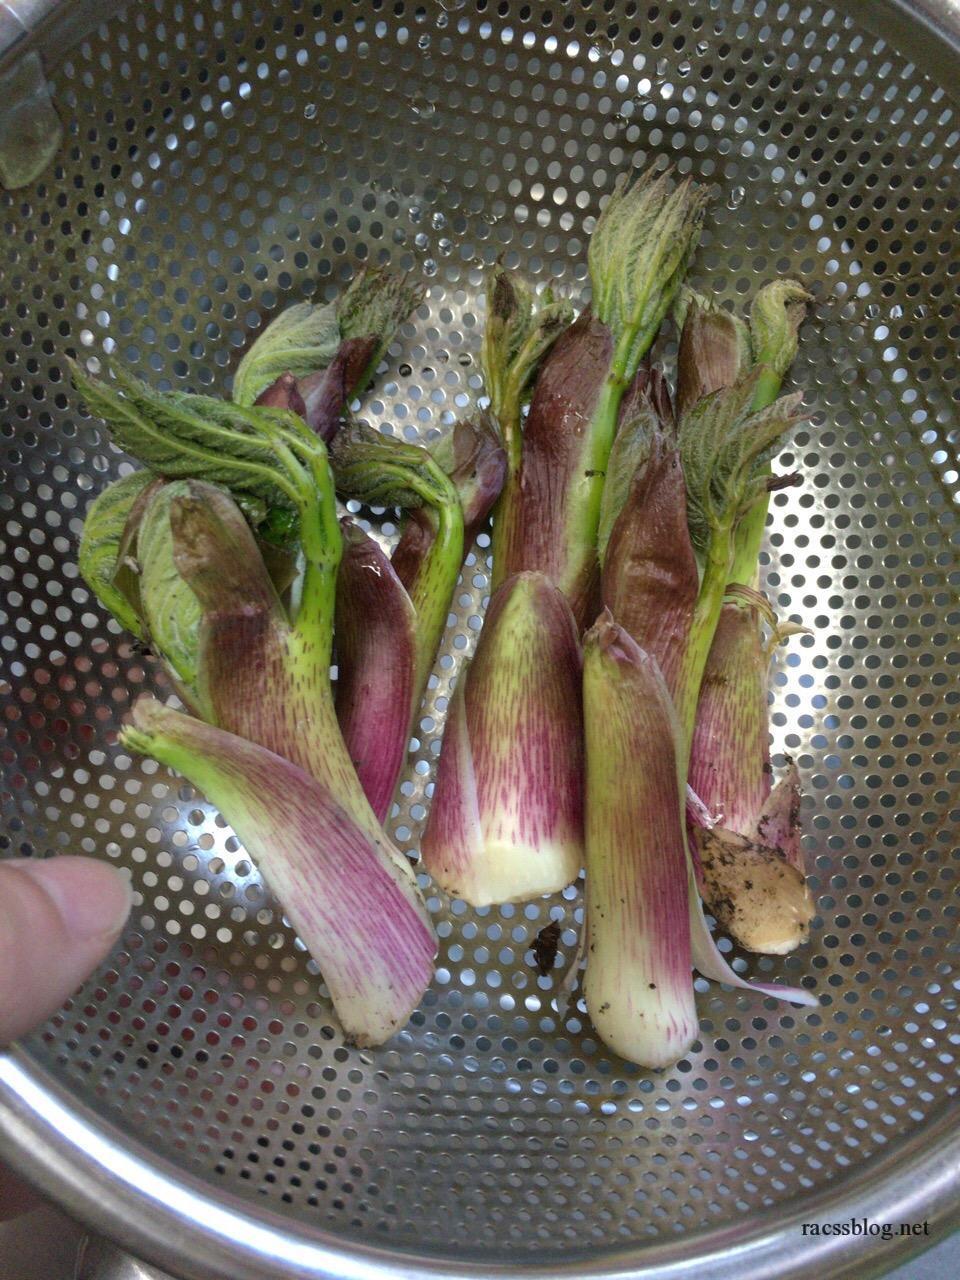 ウドと行者ニンニク収穫 4/24(お庭の山菜)